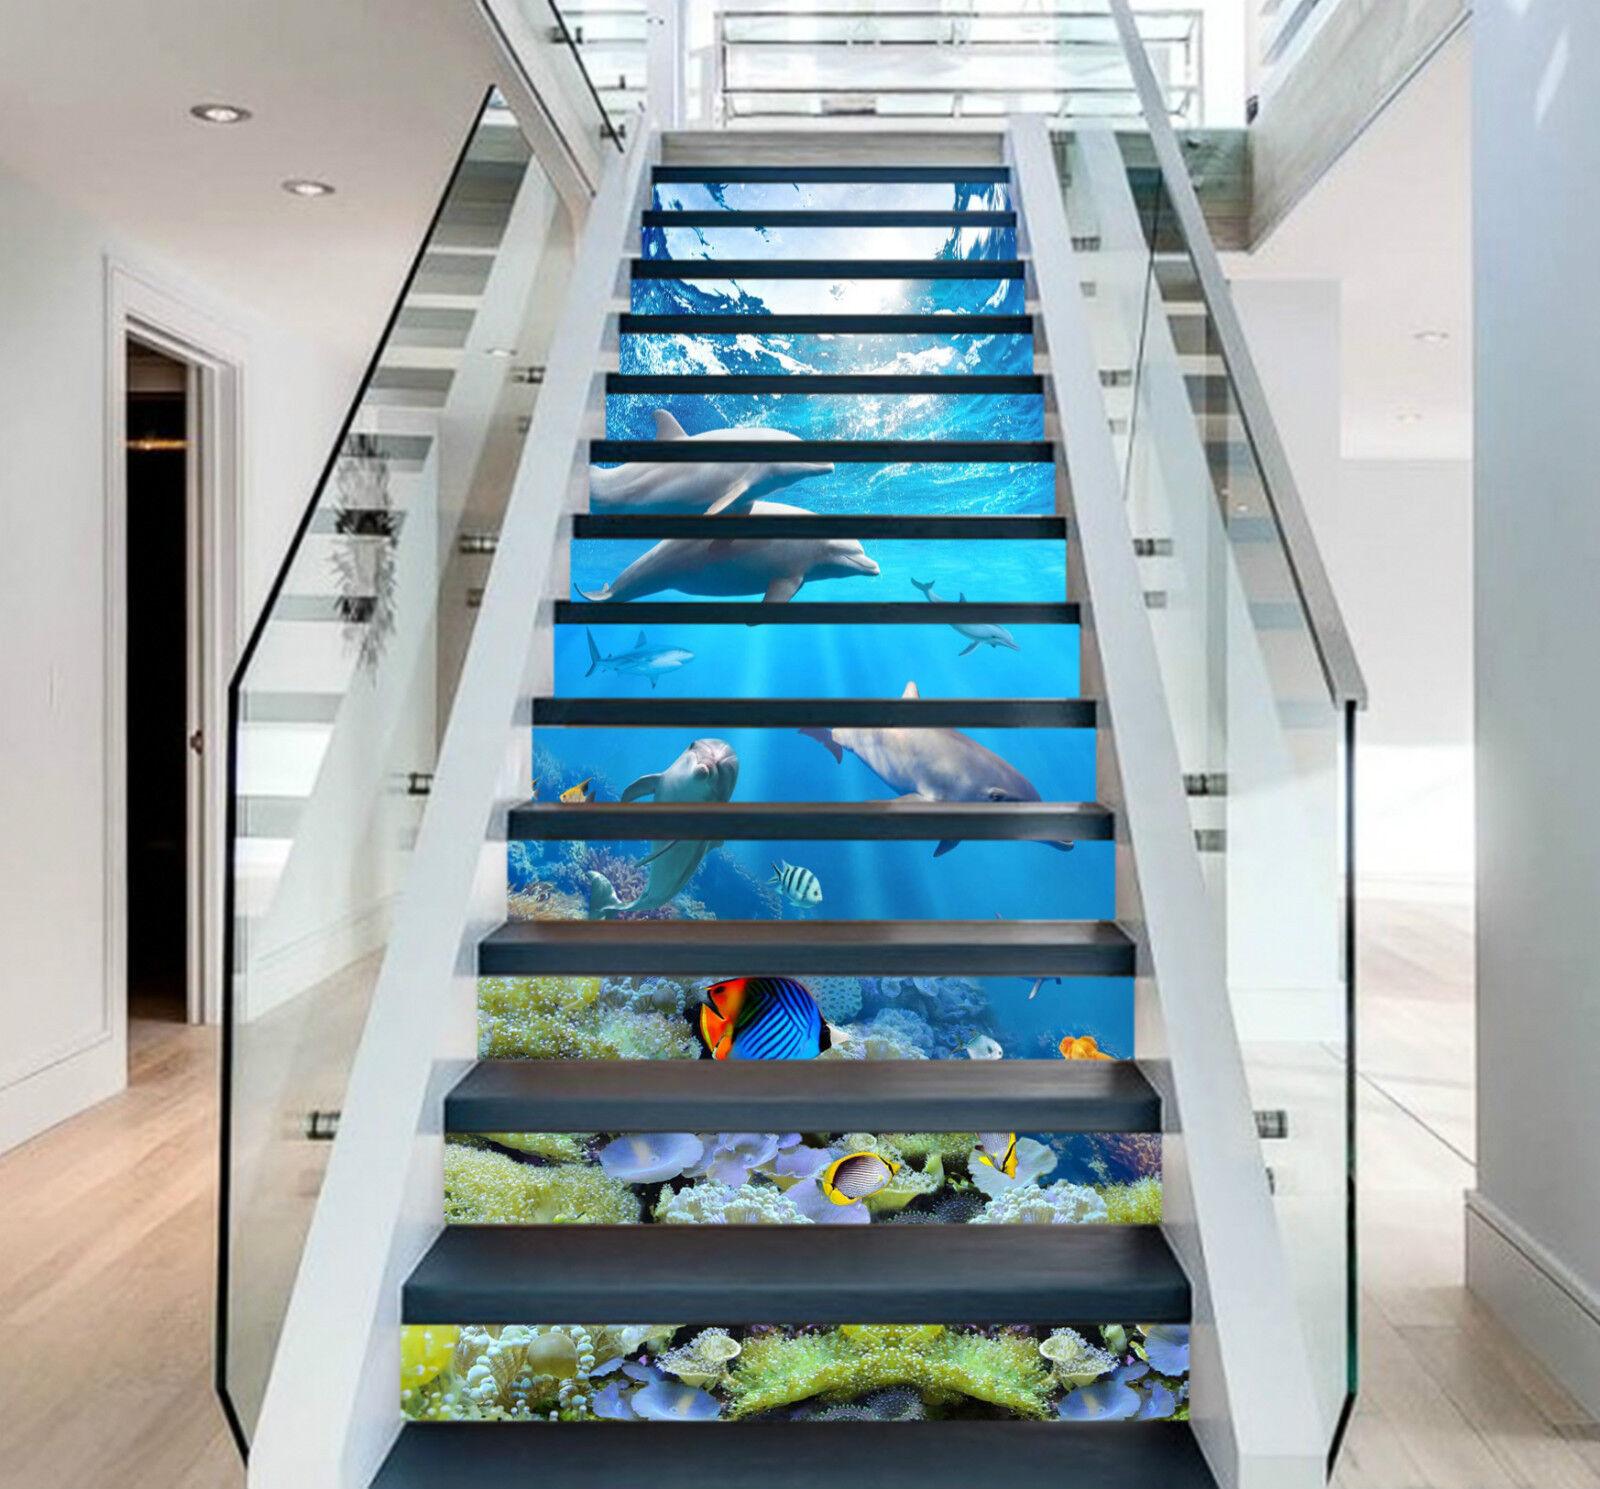 3d développe 255 Stair Risers Décoration Papier Peint Vinyle Autocollant Papier Peint De